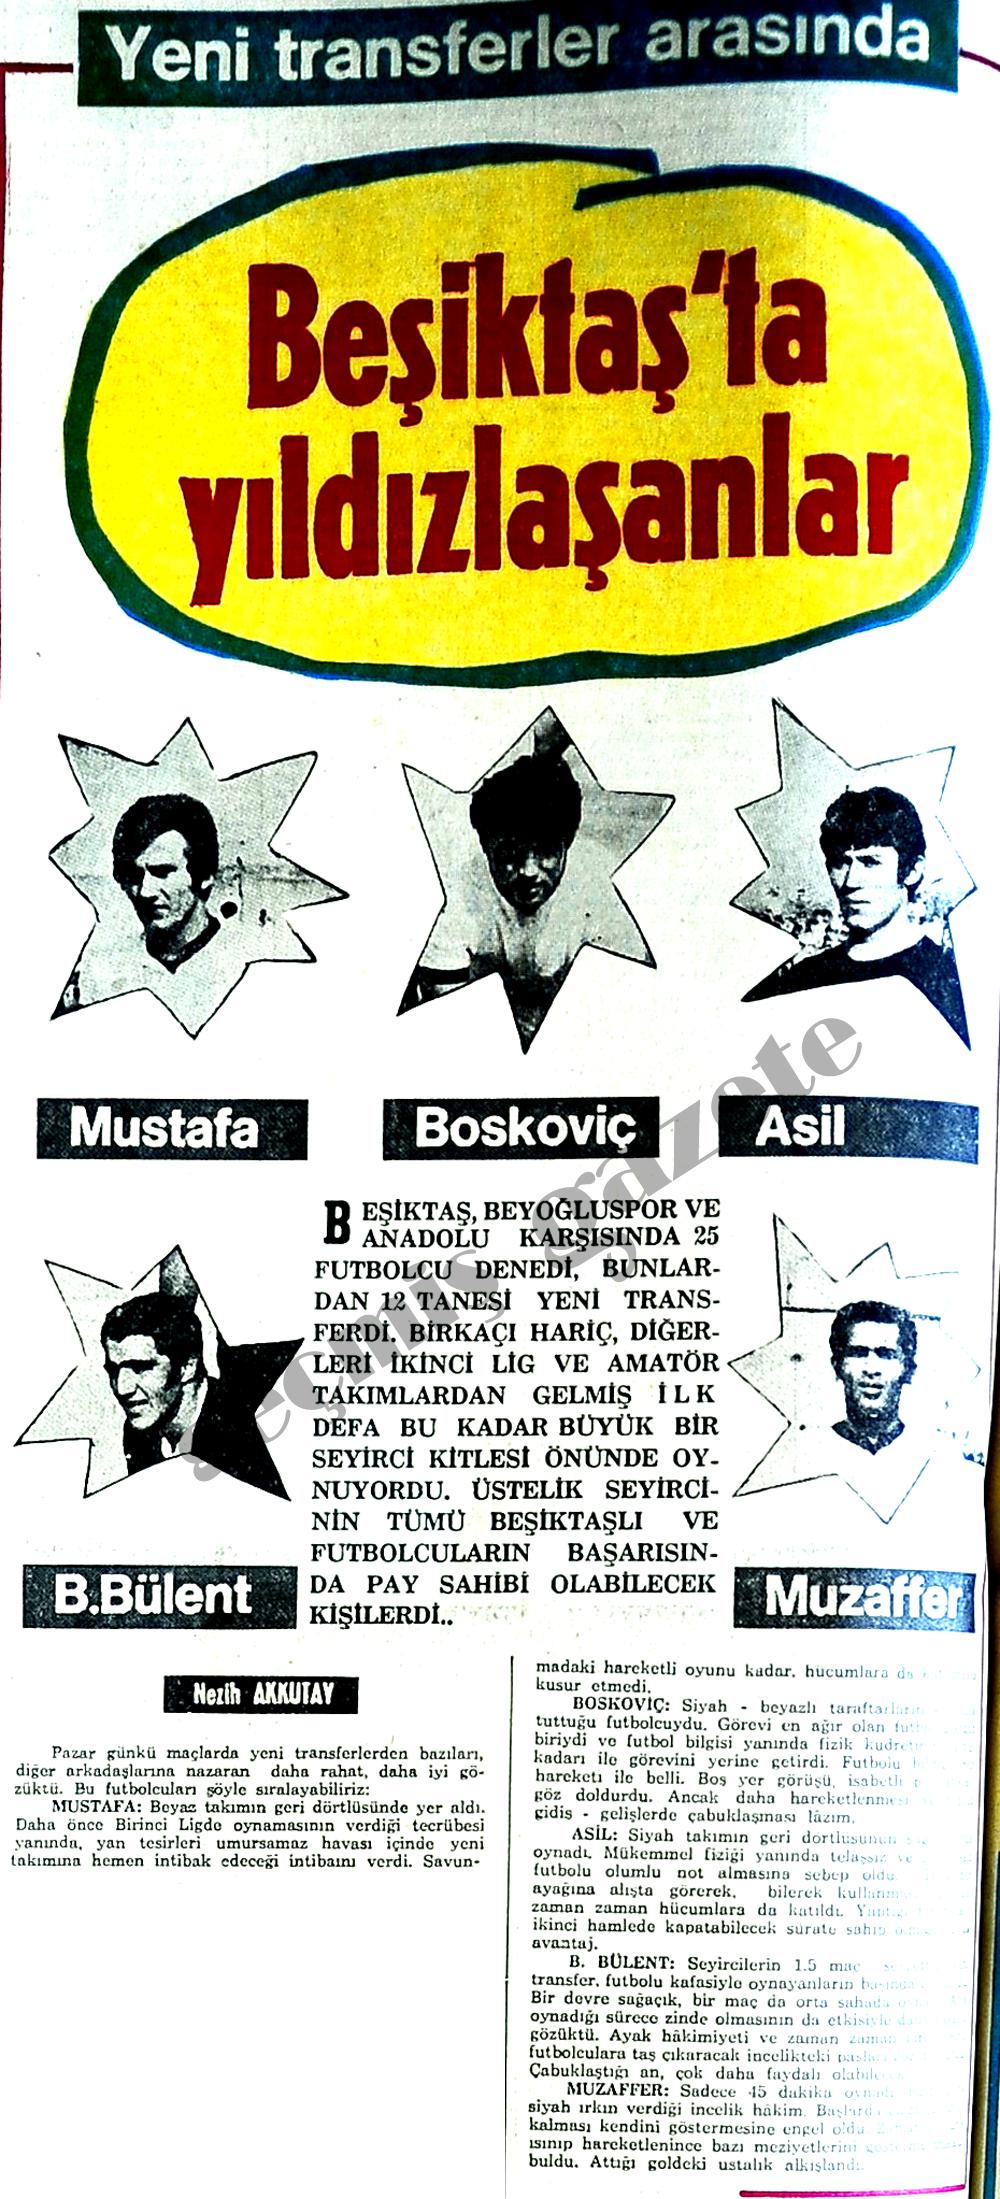 Beşiktaş'ta yıldızlaşanlar